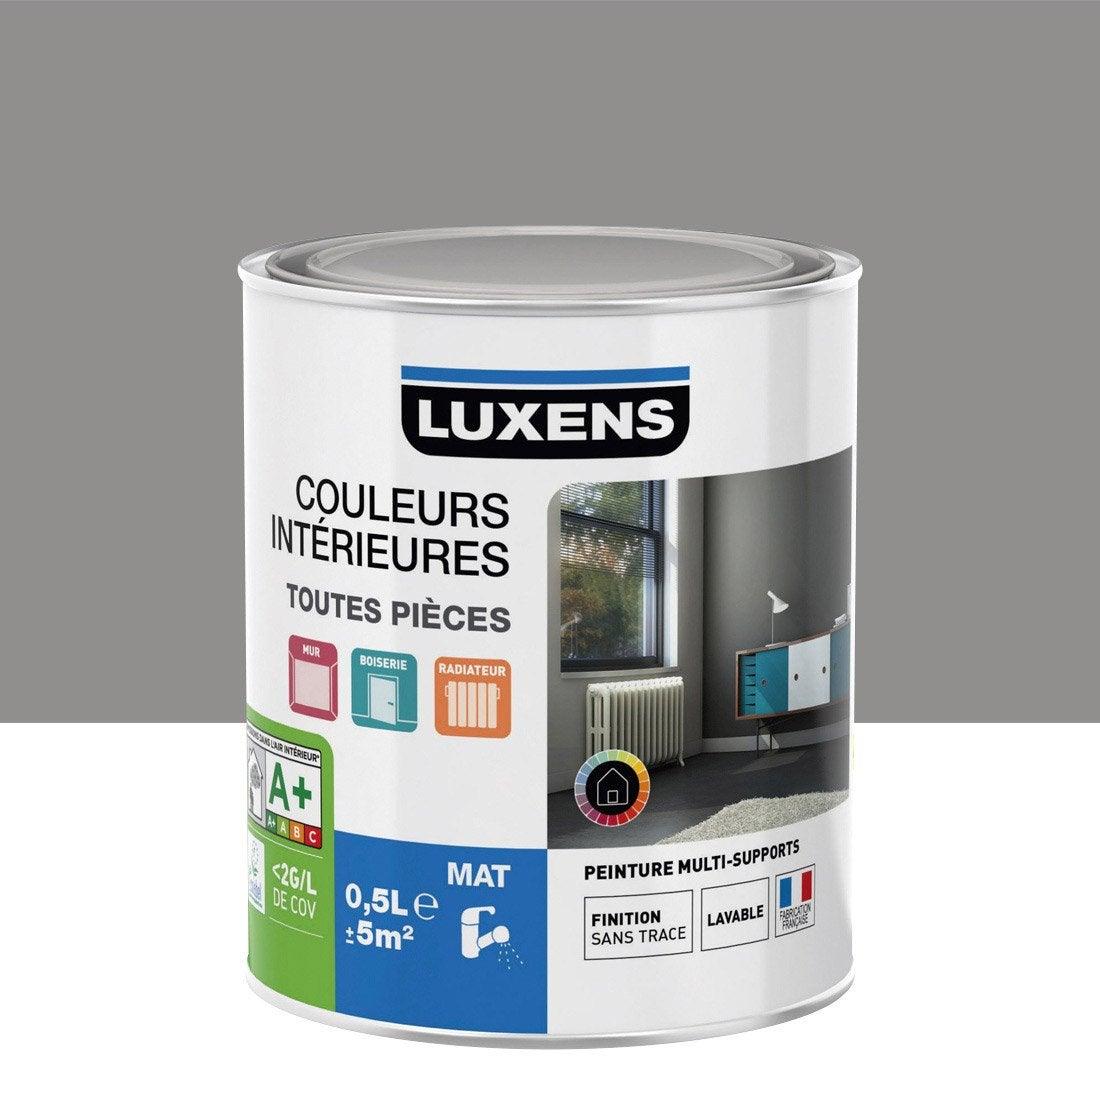 Peinture Gris Galet 3 Luxens Couleurs Int Rieures Mat 0 5 L Leroy Merlin